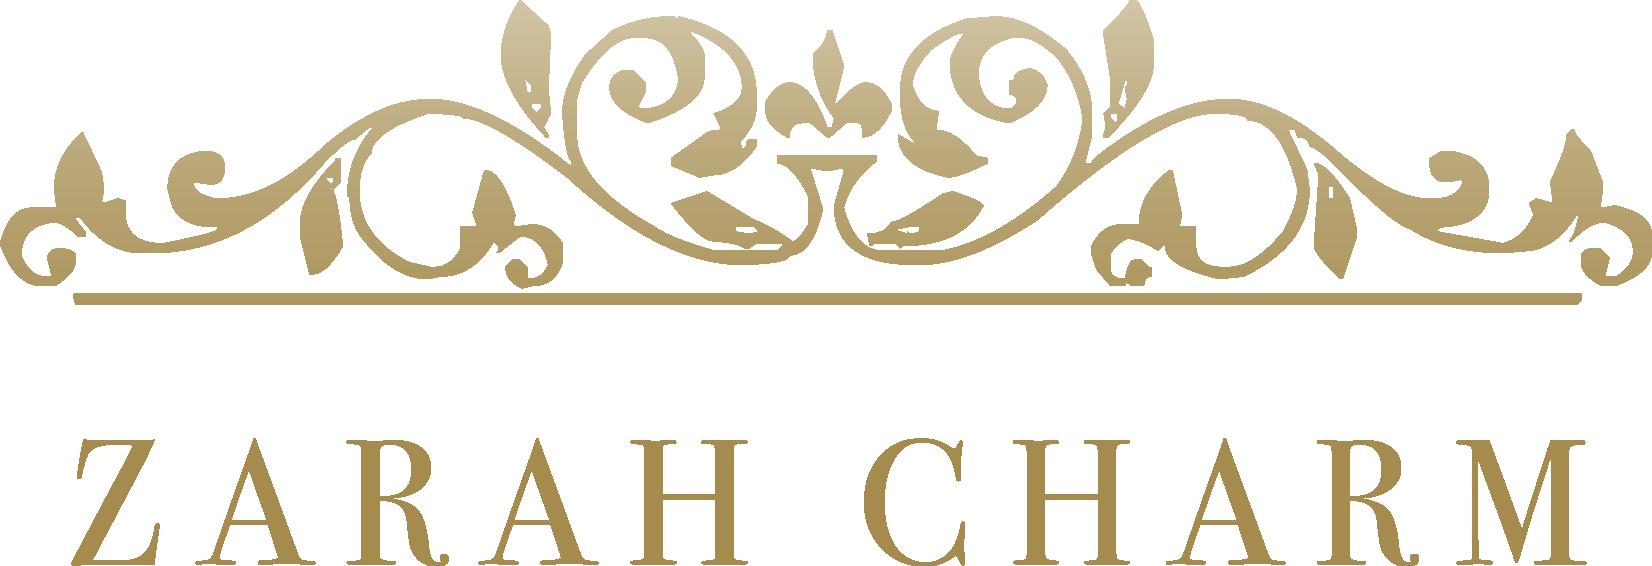 Zarahcharm